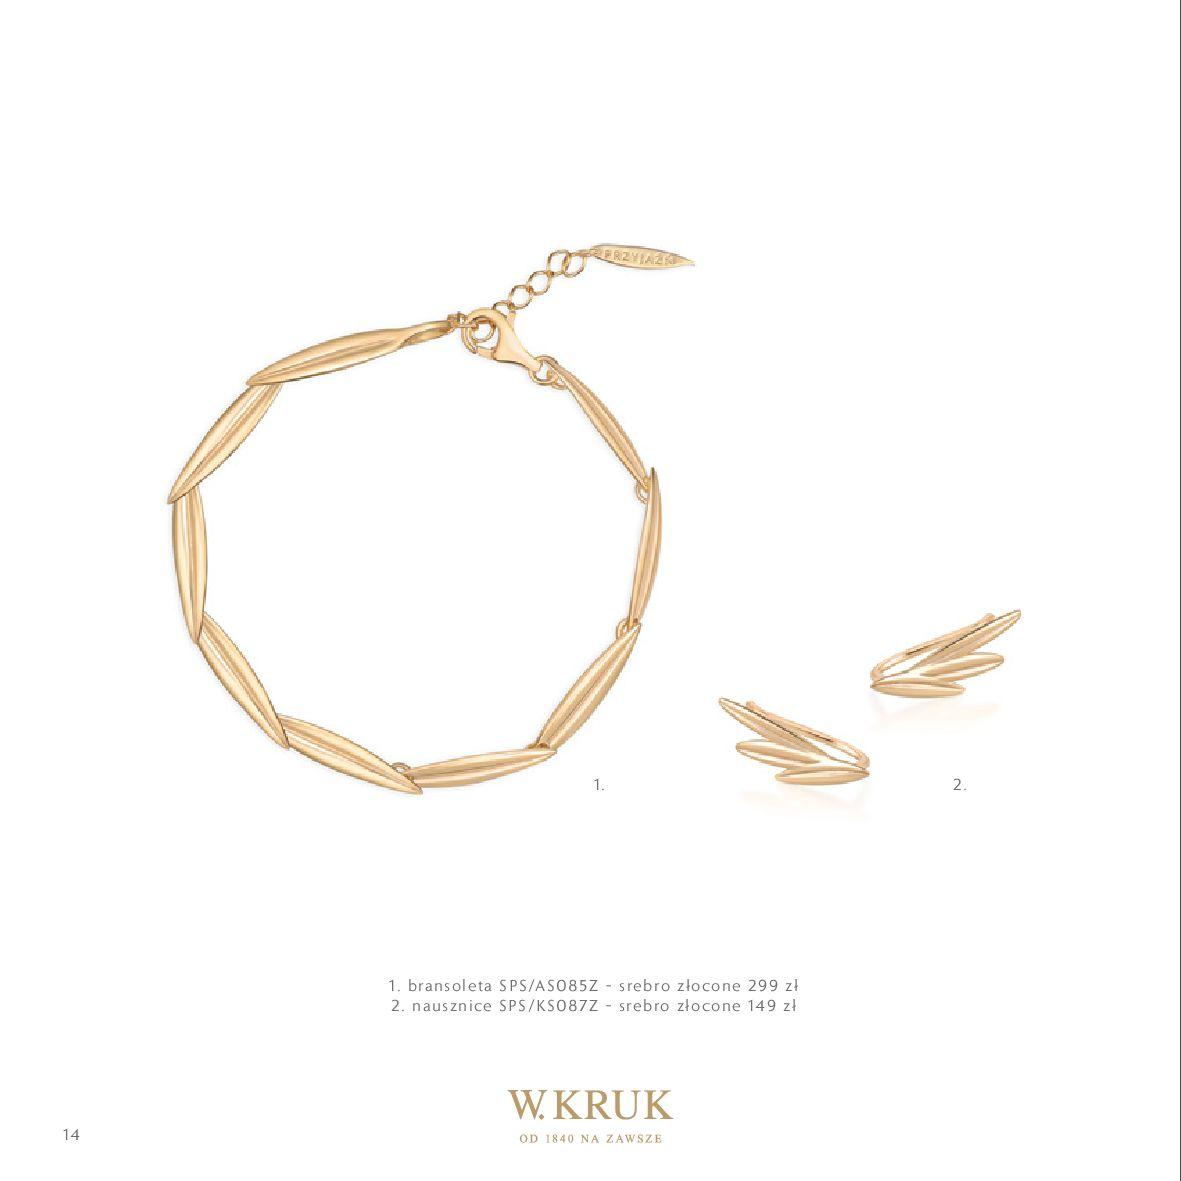 Gazetka W. KRUK: Katalog - Kolekcja Przyjaźń 2021-02-17 page-16